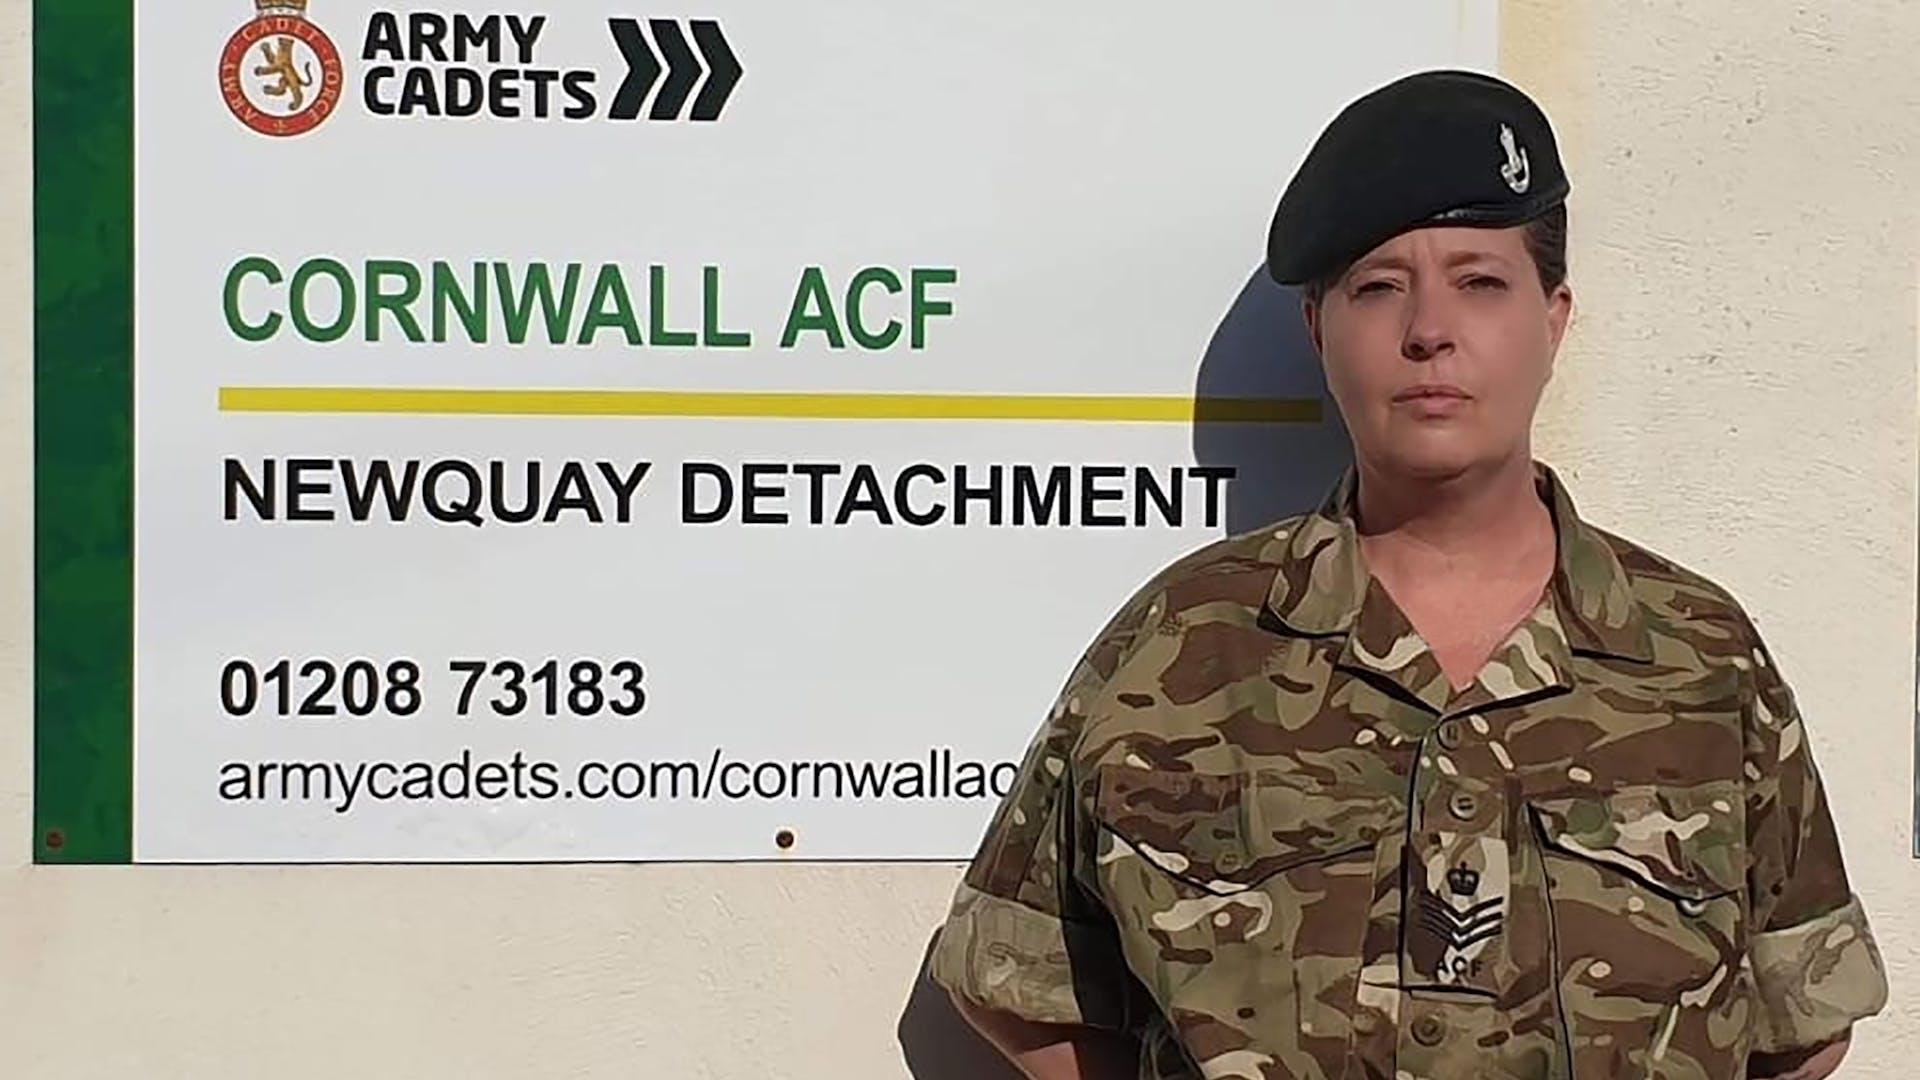 Angela newquay cadets